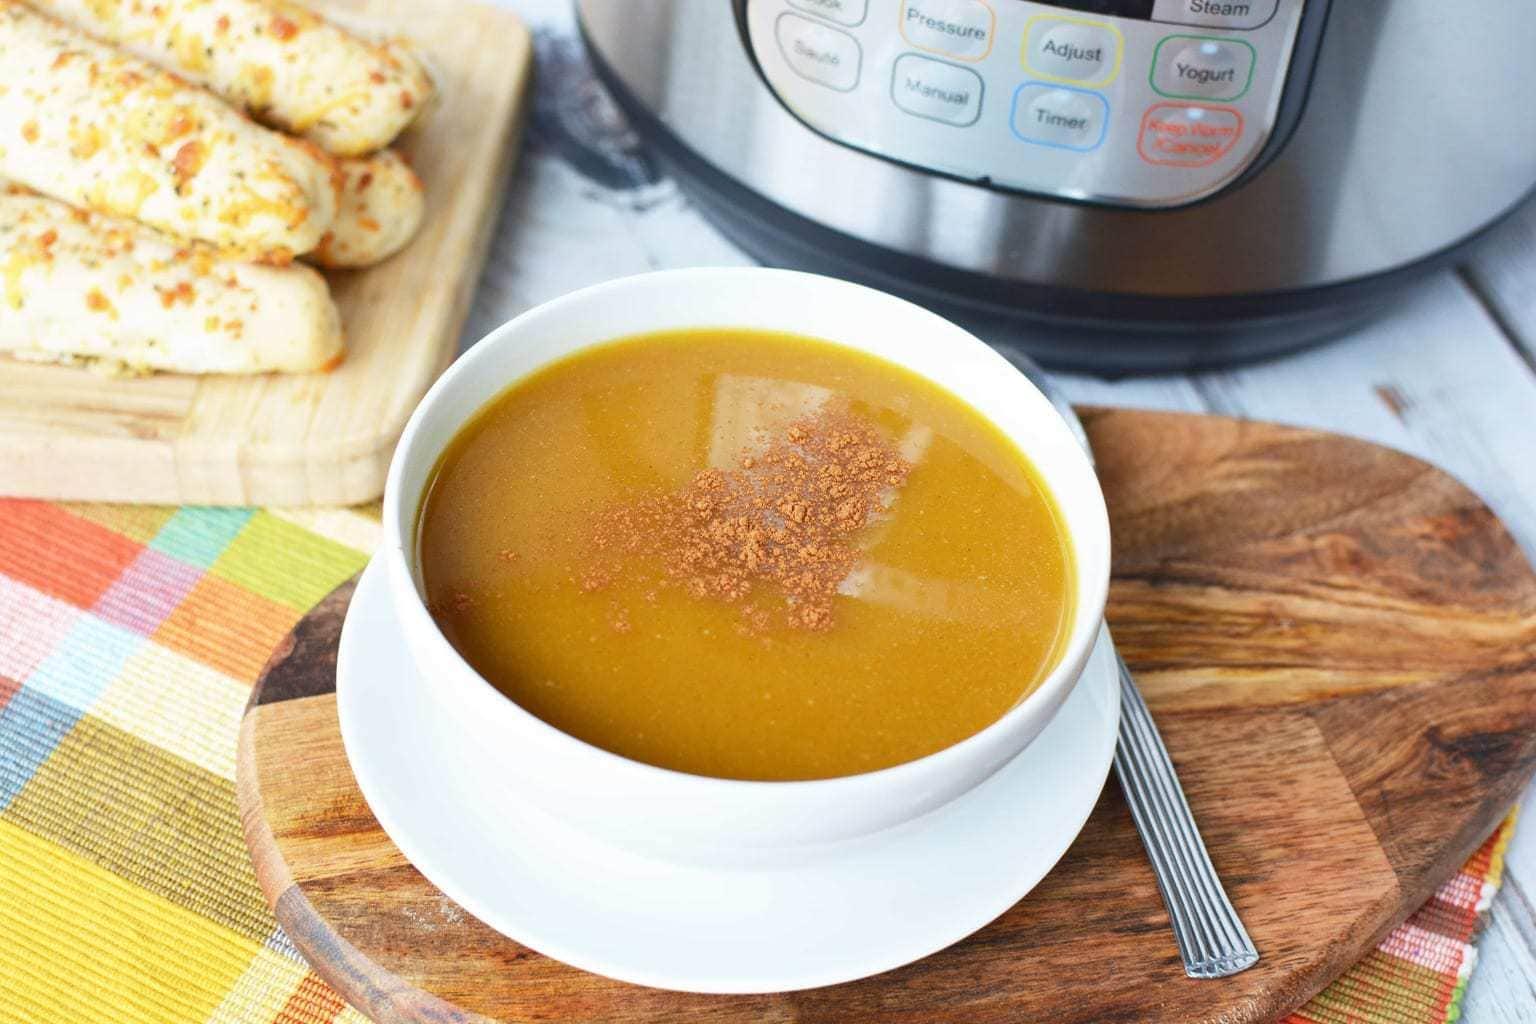 Instant Pot Butternut Squash Soup, Butternut Squash Soup next to the Instant Pot